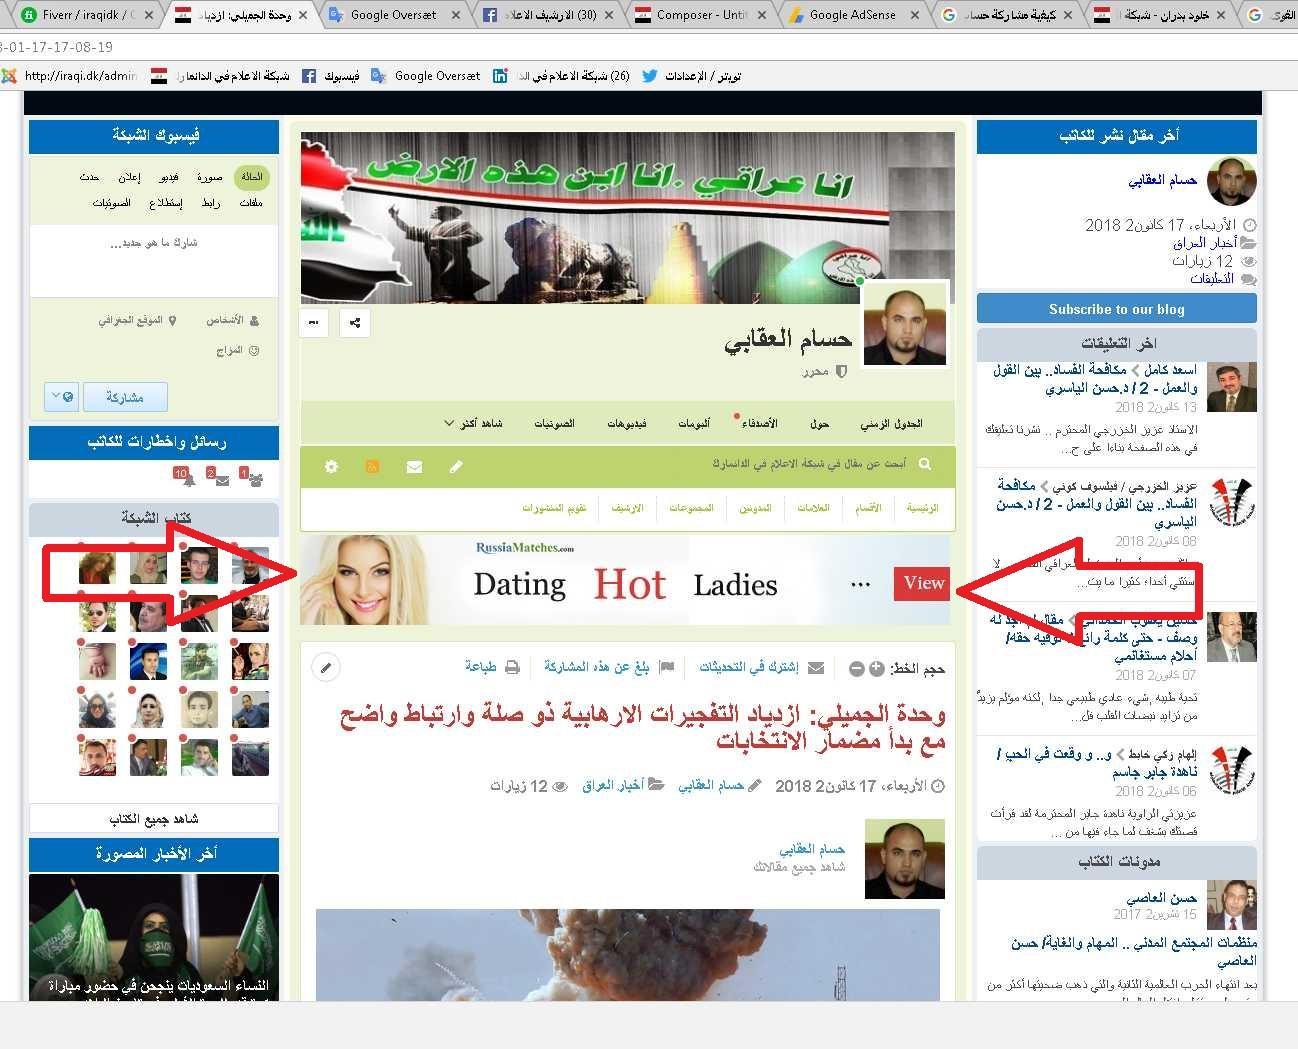 بشرى سارة للكتاب والصحفيين : كل كاتب وصحفي يملك مدونة في شبكة الاعلام في الدانمارك